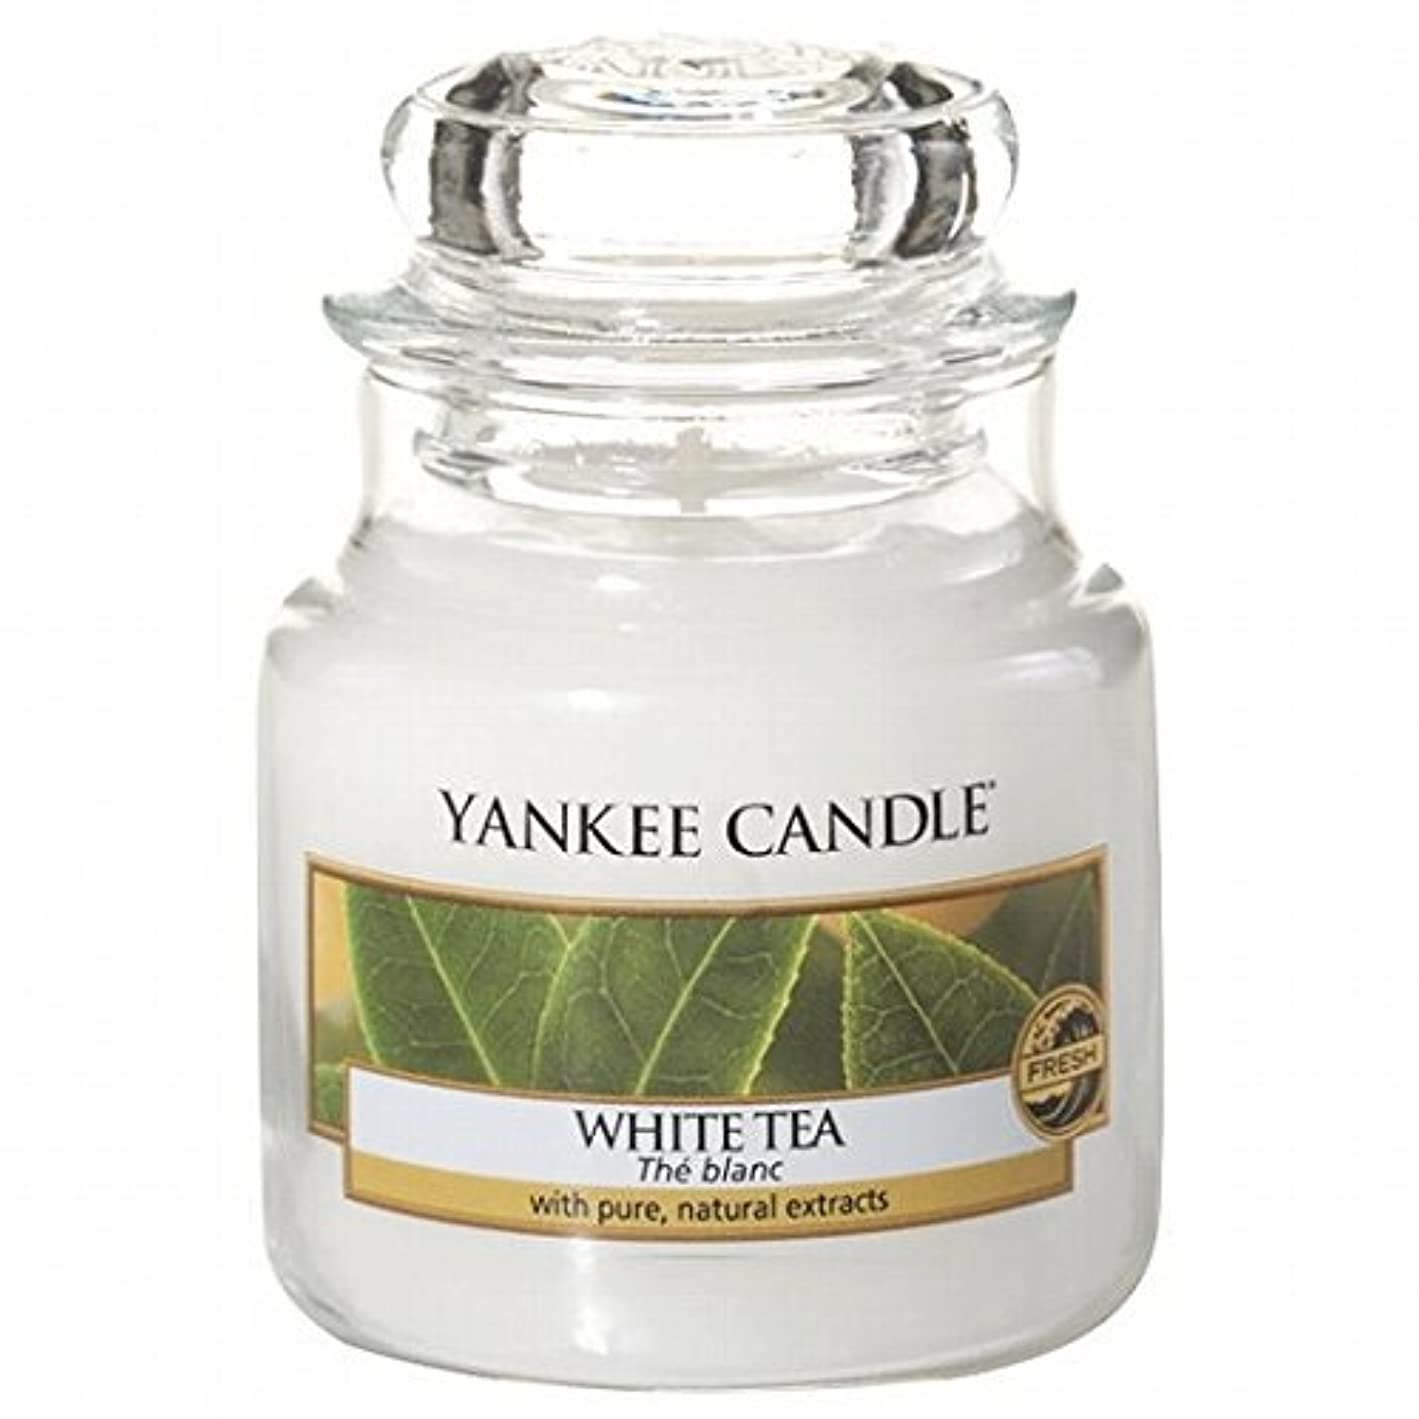 状況ピアニッケルYANKEE CANDLE(ヤンキーキャンドル) YANKEE CANDLE ジャーS 「ホワイトティー」(K00305277)